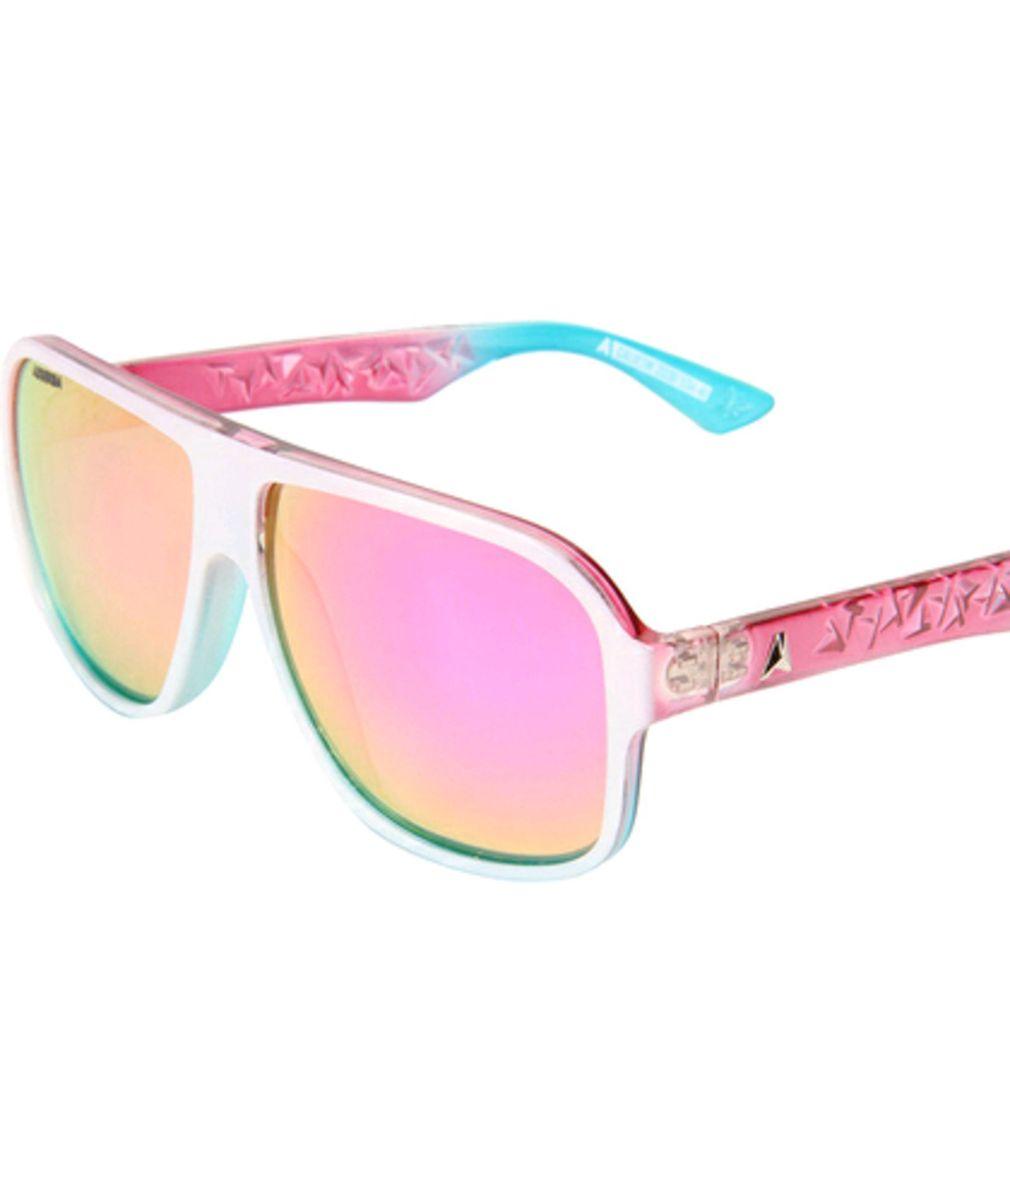 e9ab9b923 Óculos de Sol Absurda Espelhado Rosa   Óculos Feminino Absurda Nunca ...